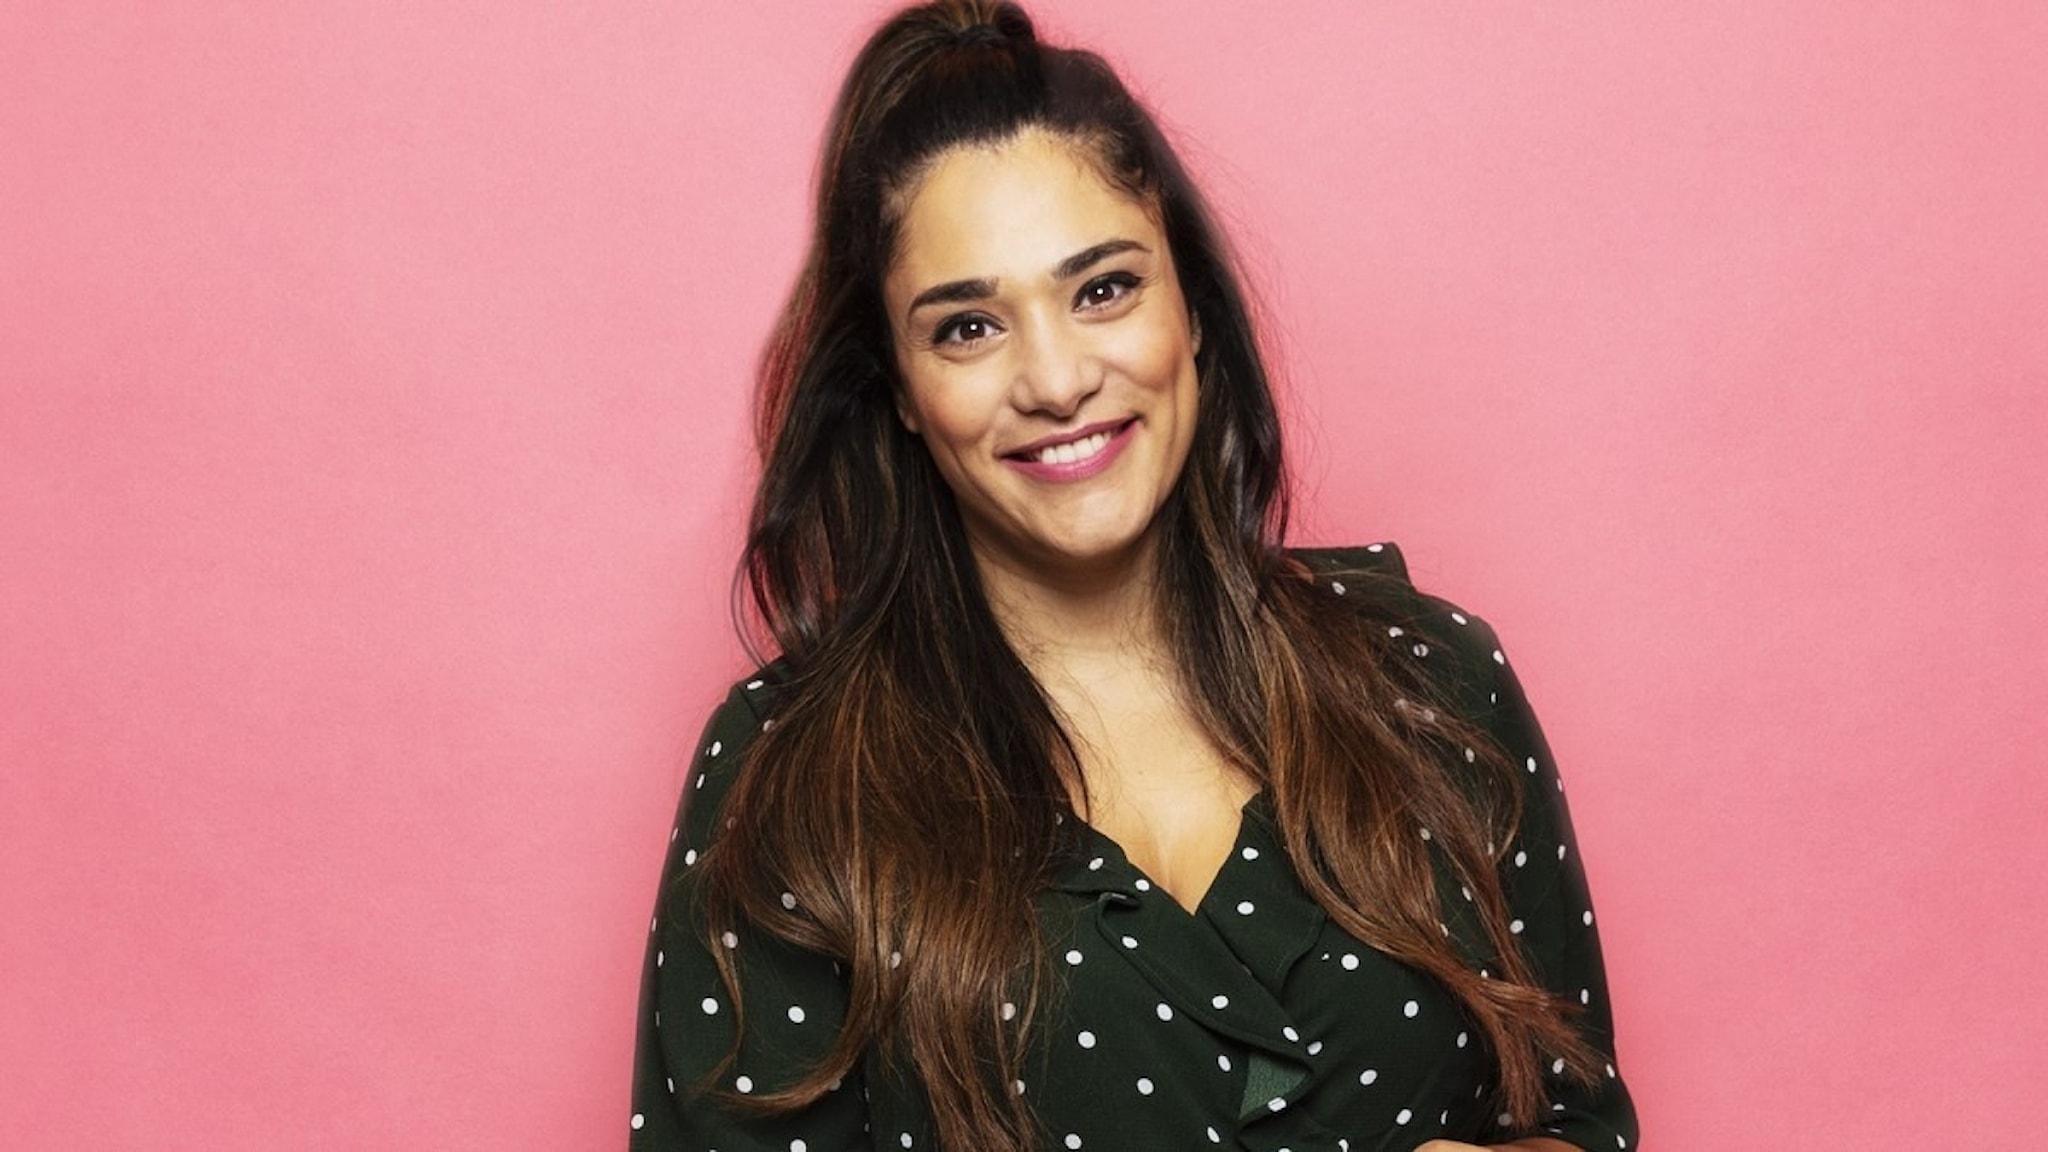 Farah Abadi, programledare för Kvällspasset i P4